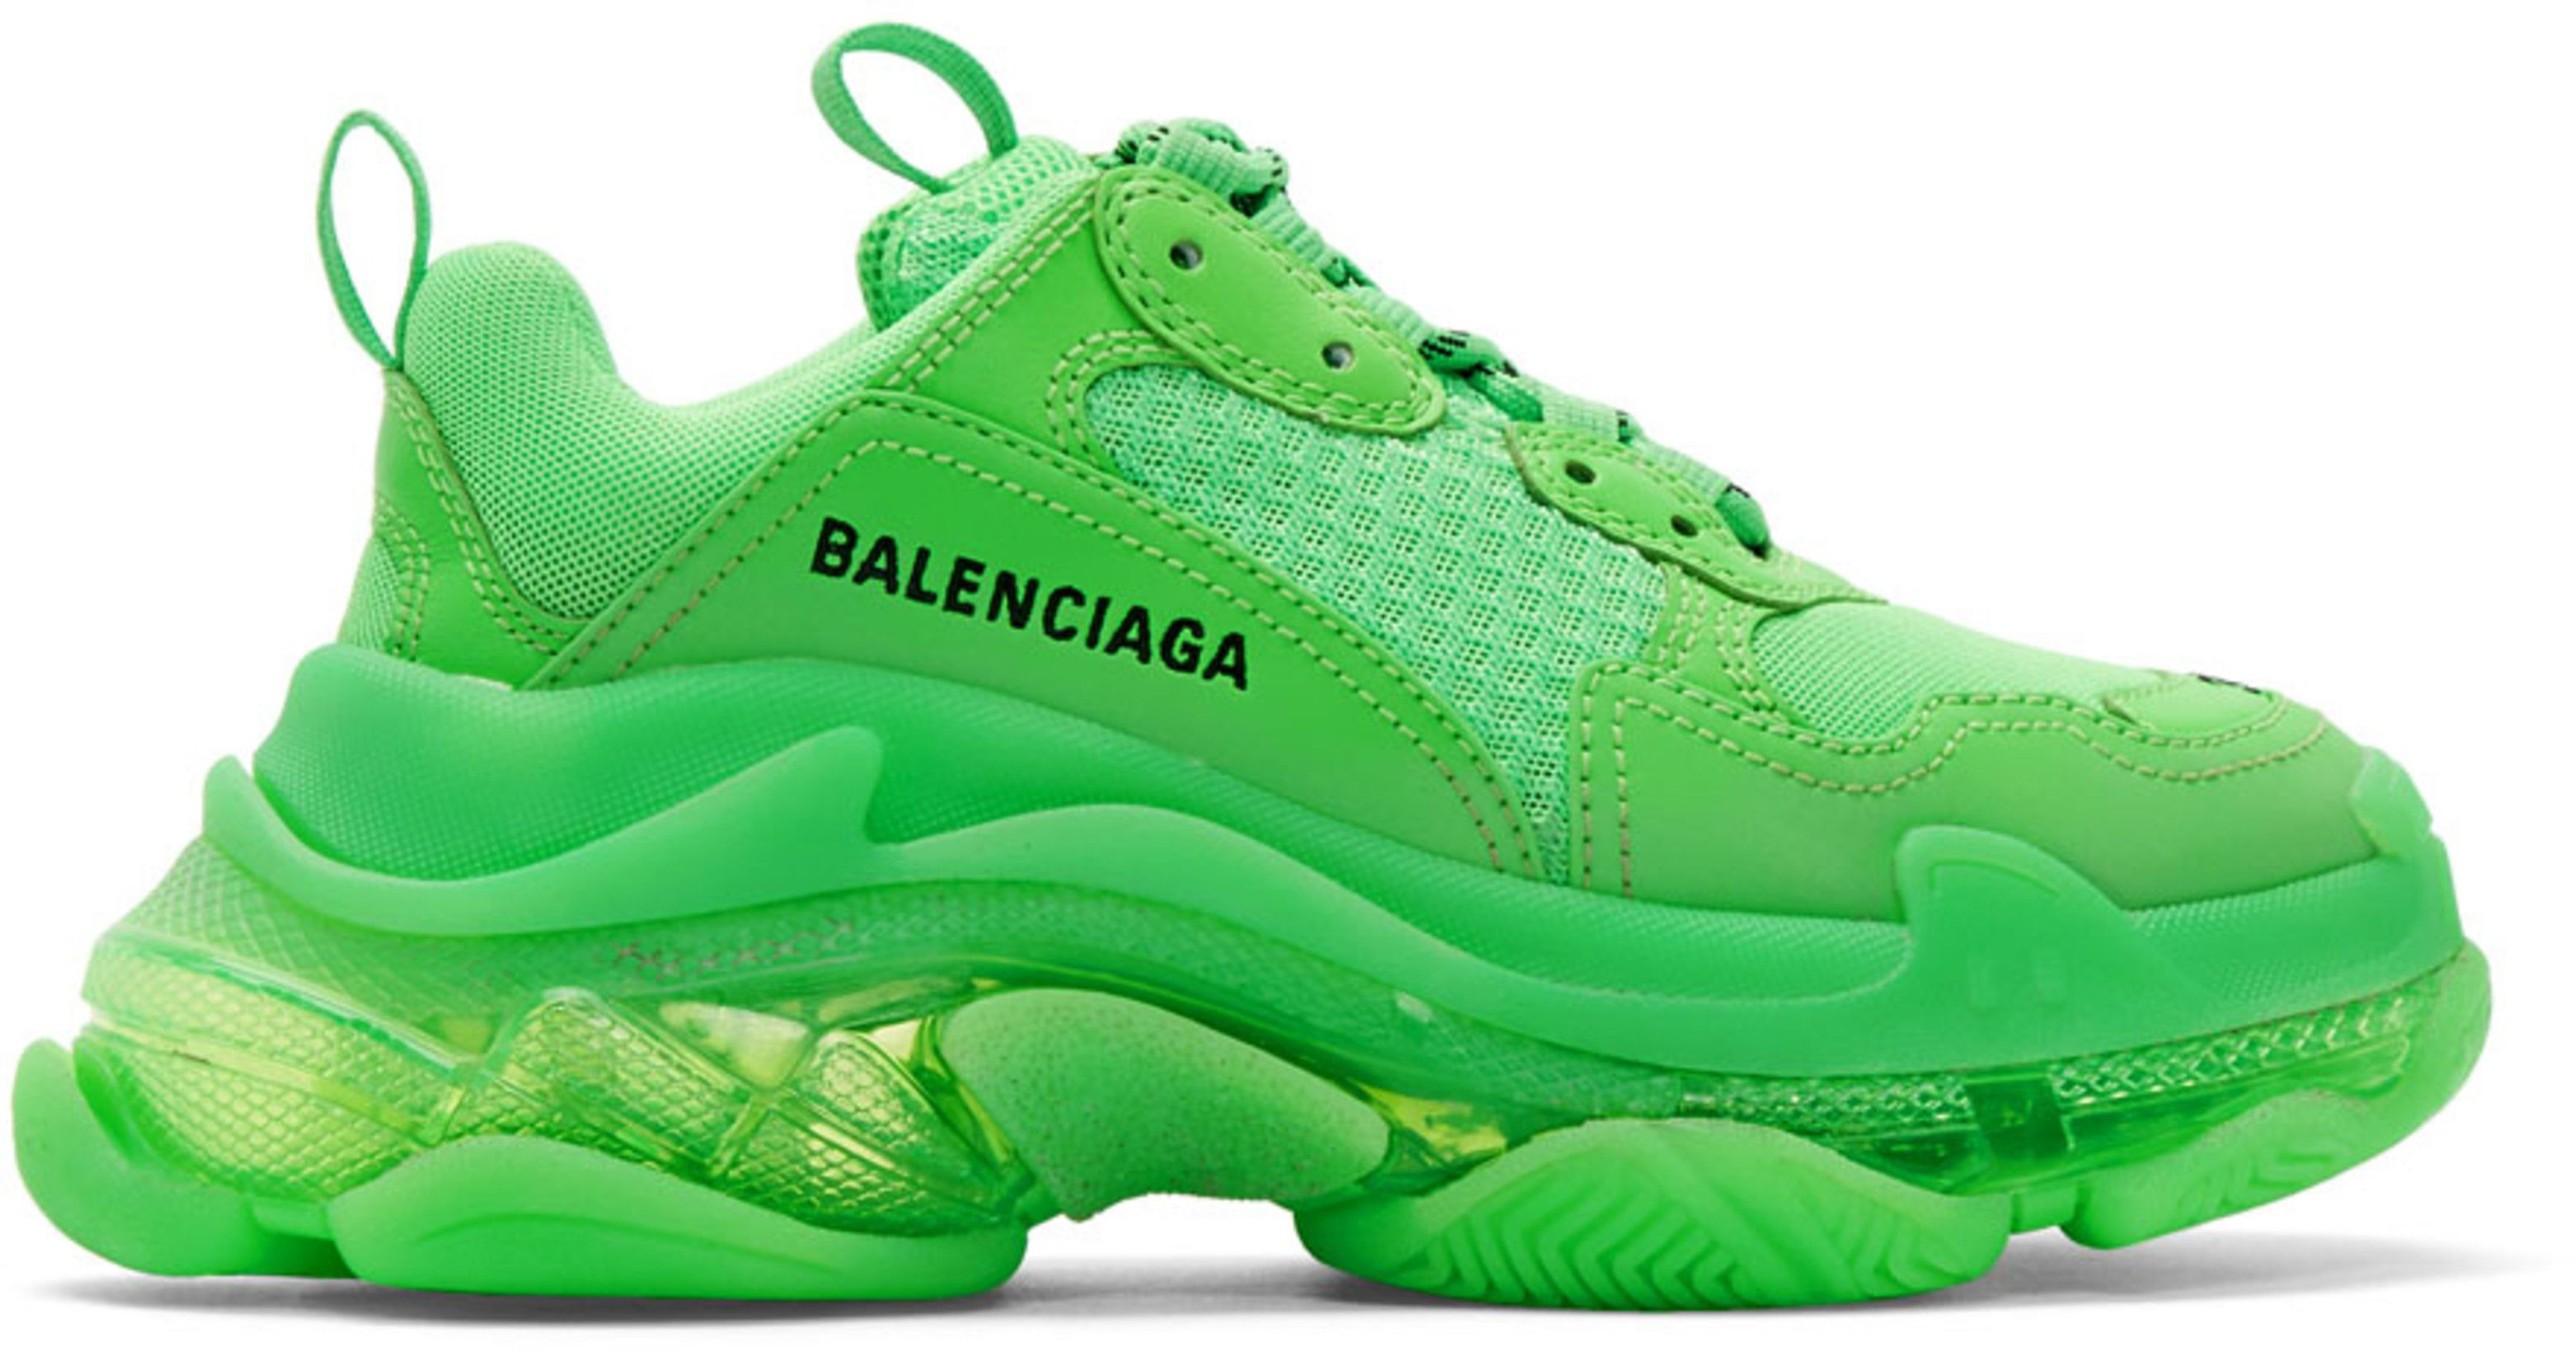 Green Triple S Clear Sole Sneakers